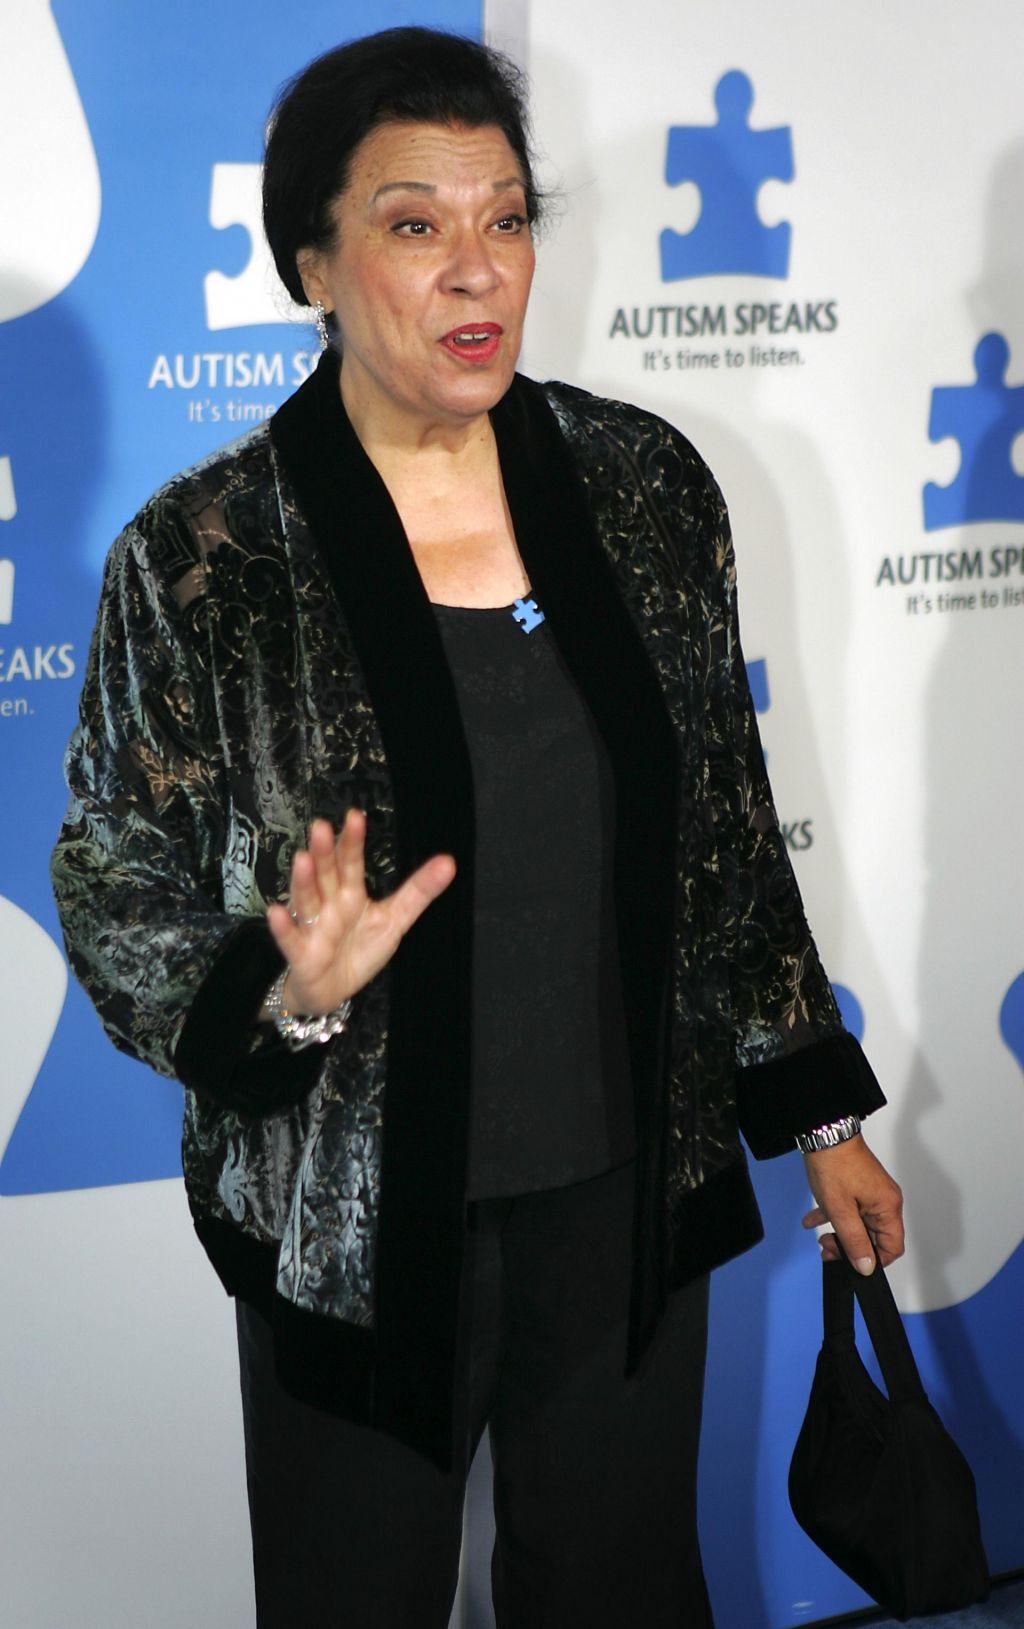 Umrla je Shelley Morrison, sobarica Rosario v seriji Will in Grace